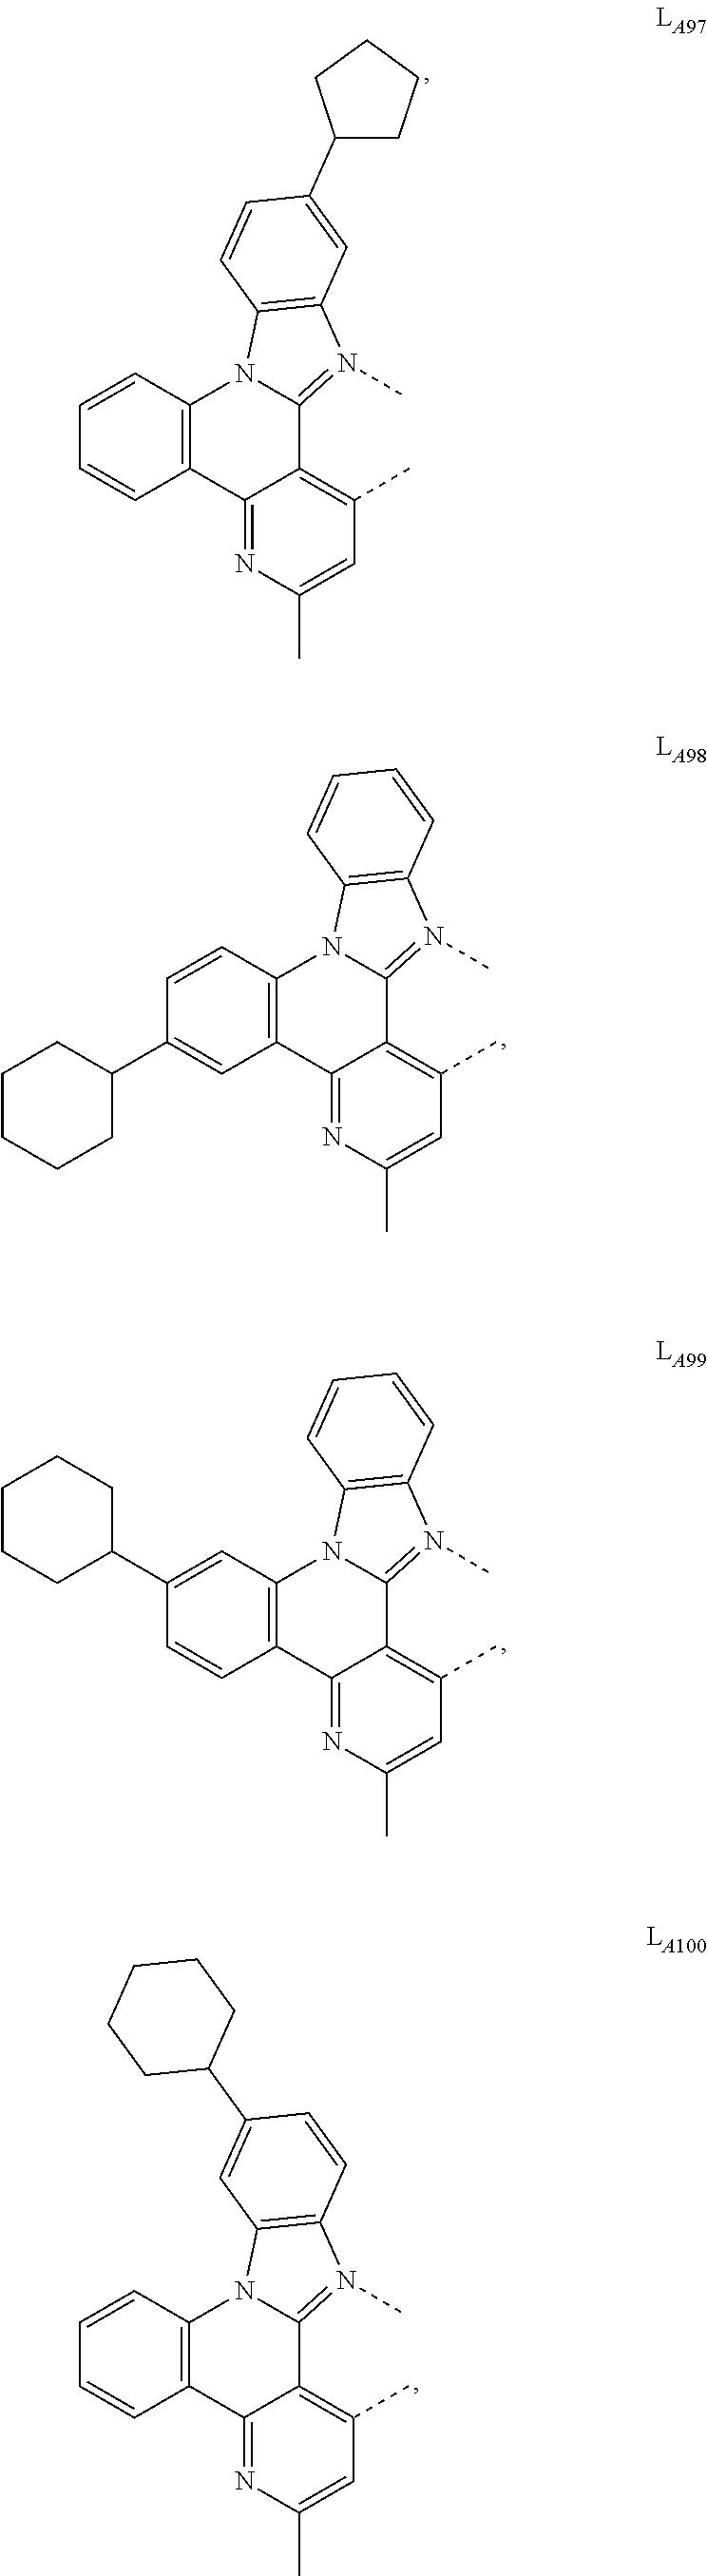 Figure US09905785-20180227-C00047